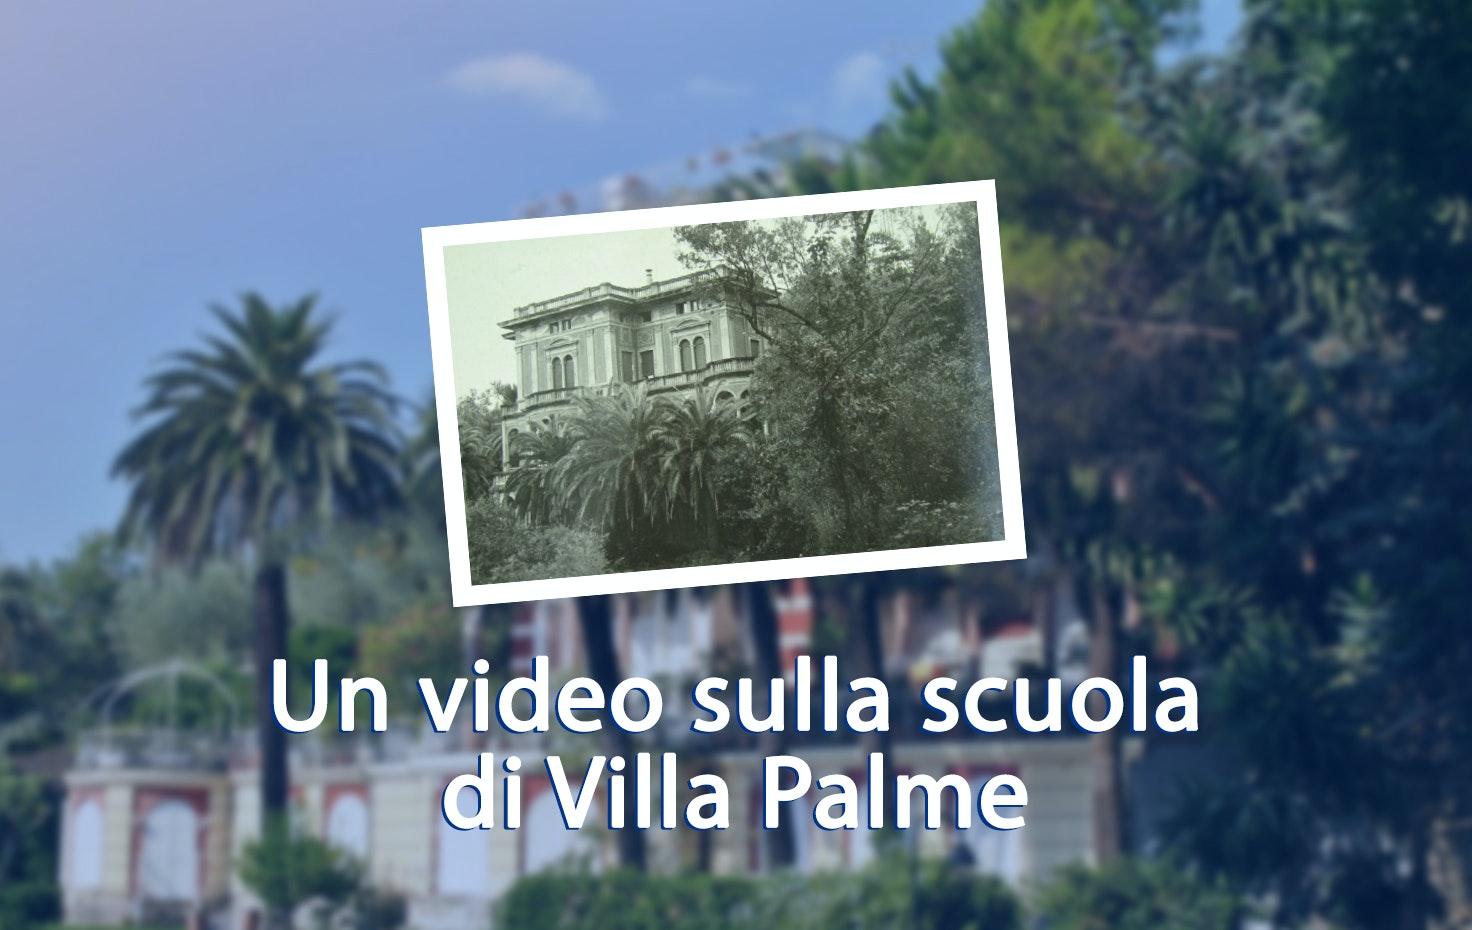 Un video sulla scuola di Villa Palme